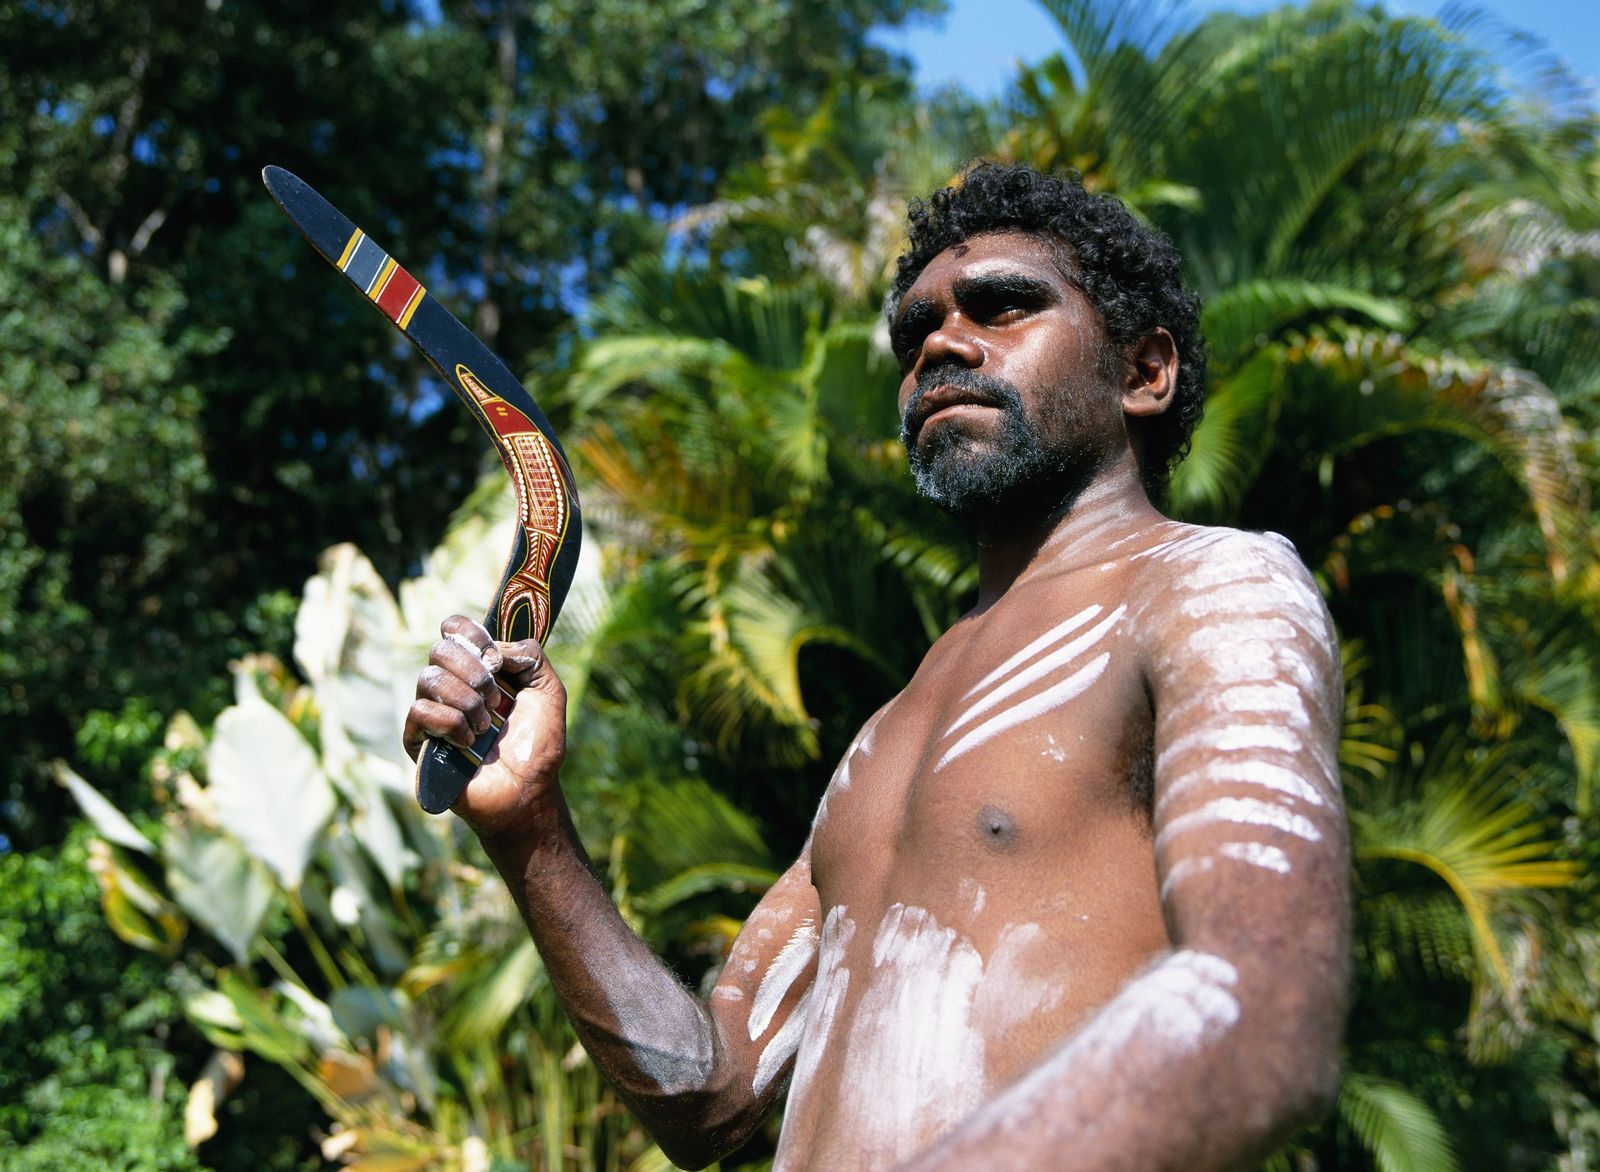 NICHT MEHR VERWENDEN! - Aborigines / Bumerang